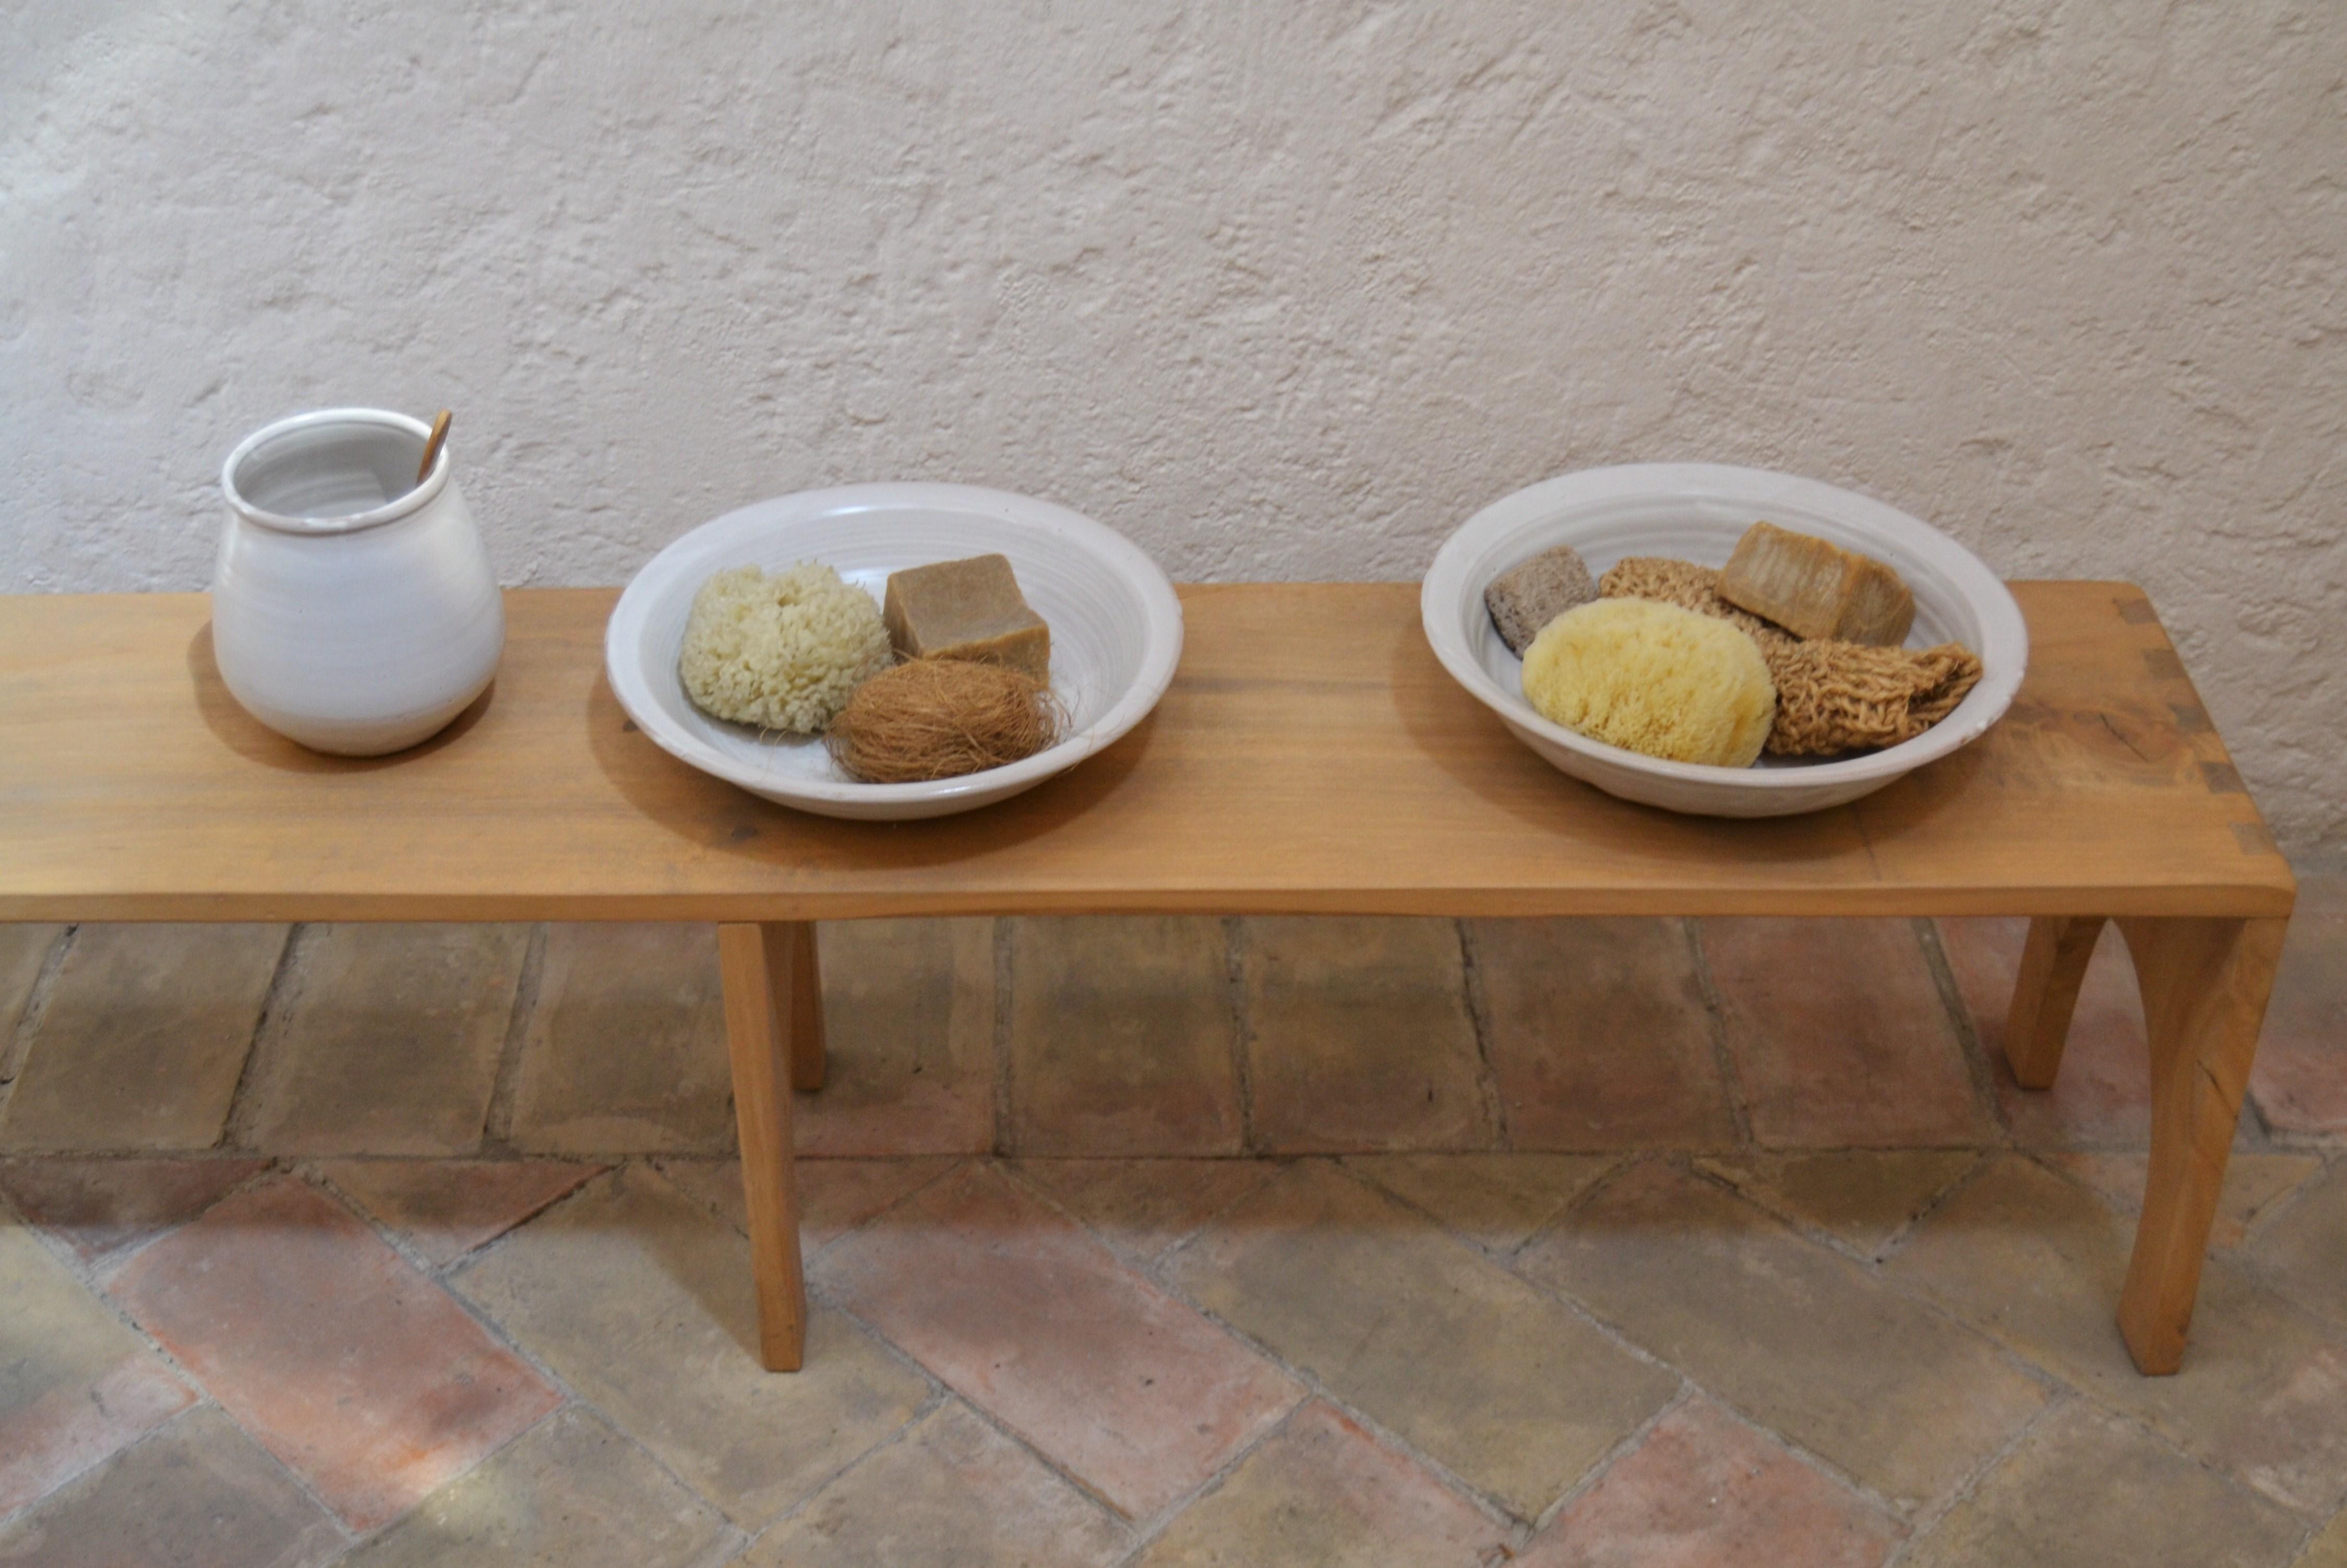 Table Banc De Cuisine file:banc amb sabons i esponges, banys de l'almirall de